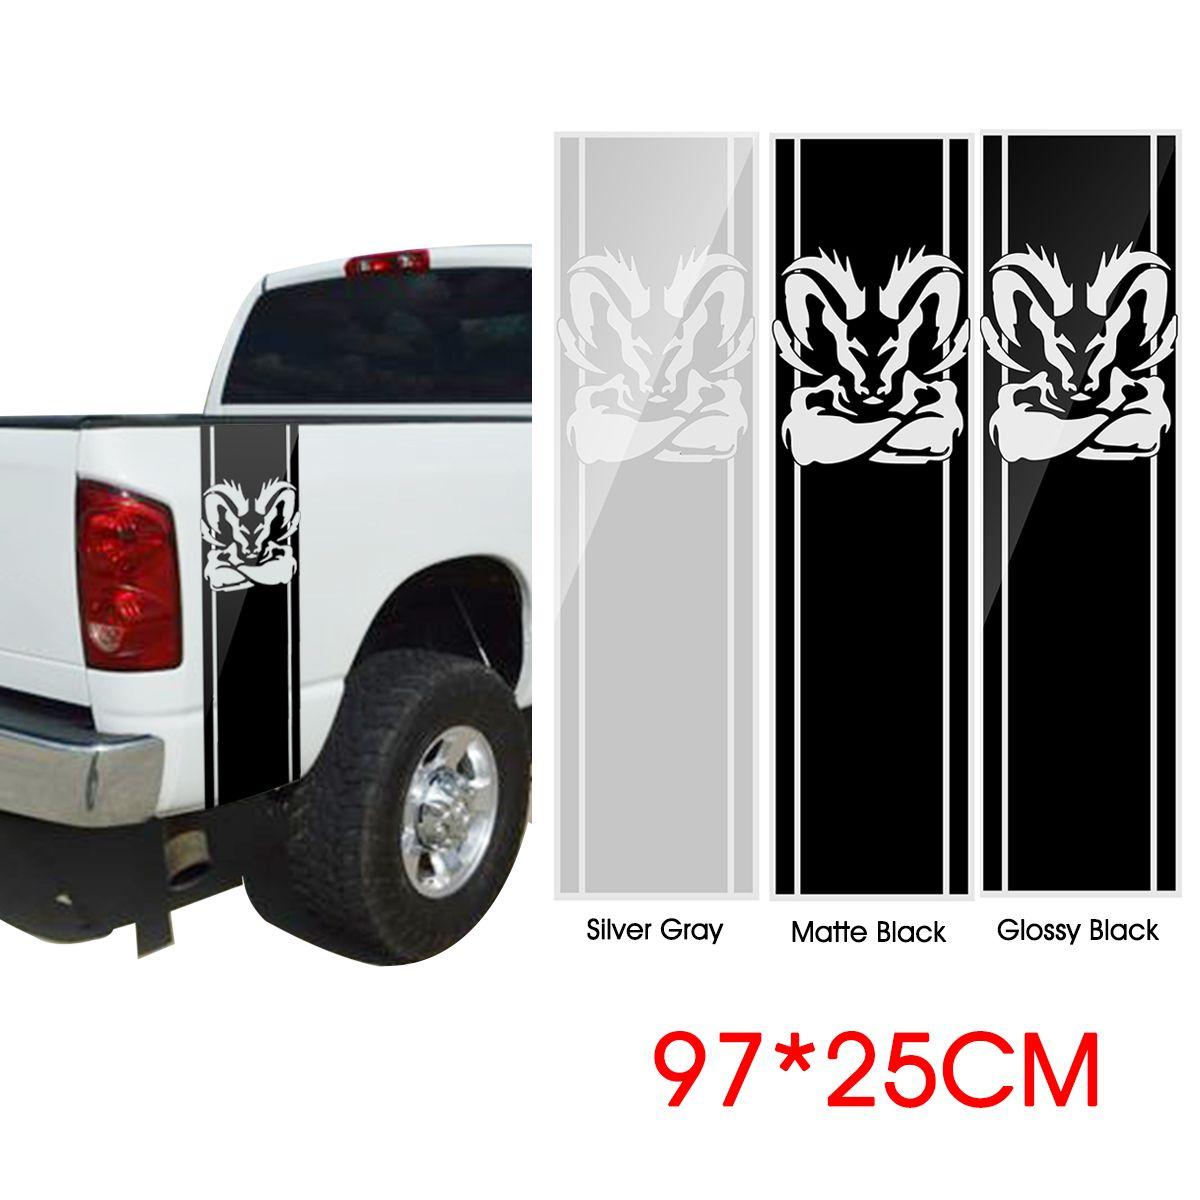 97*25 cm cuerpo coche vinilo adhesivo tiras emblema vendaje para (2 piezas) dodge Ram 1500 de 5,7 L